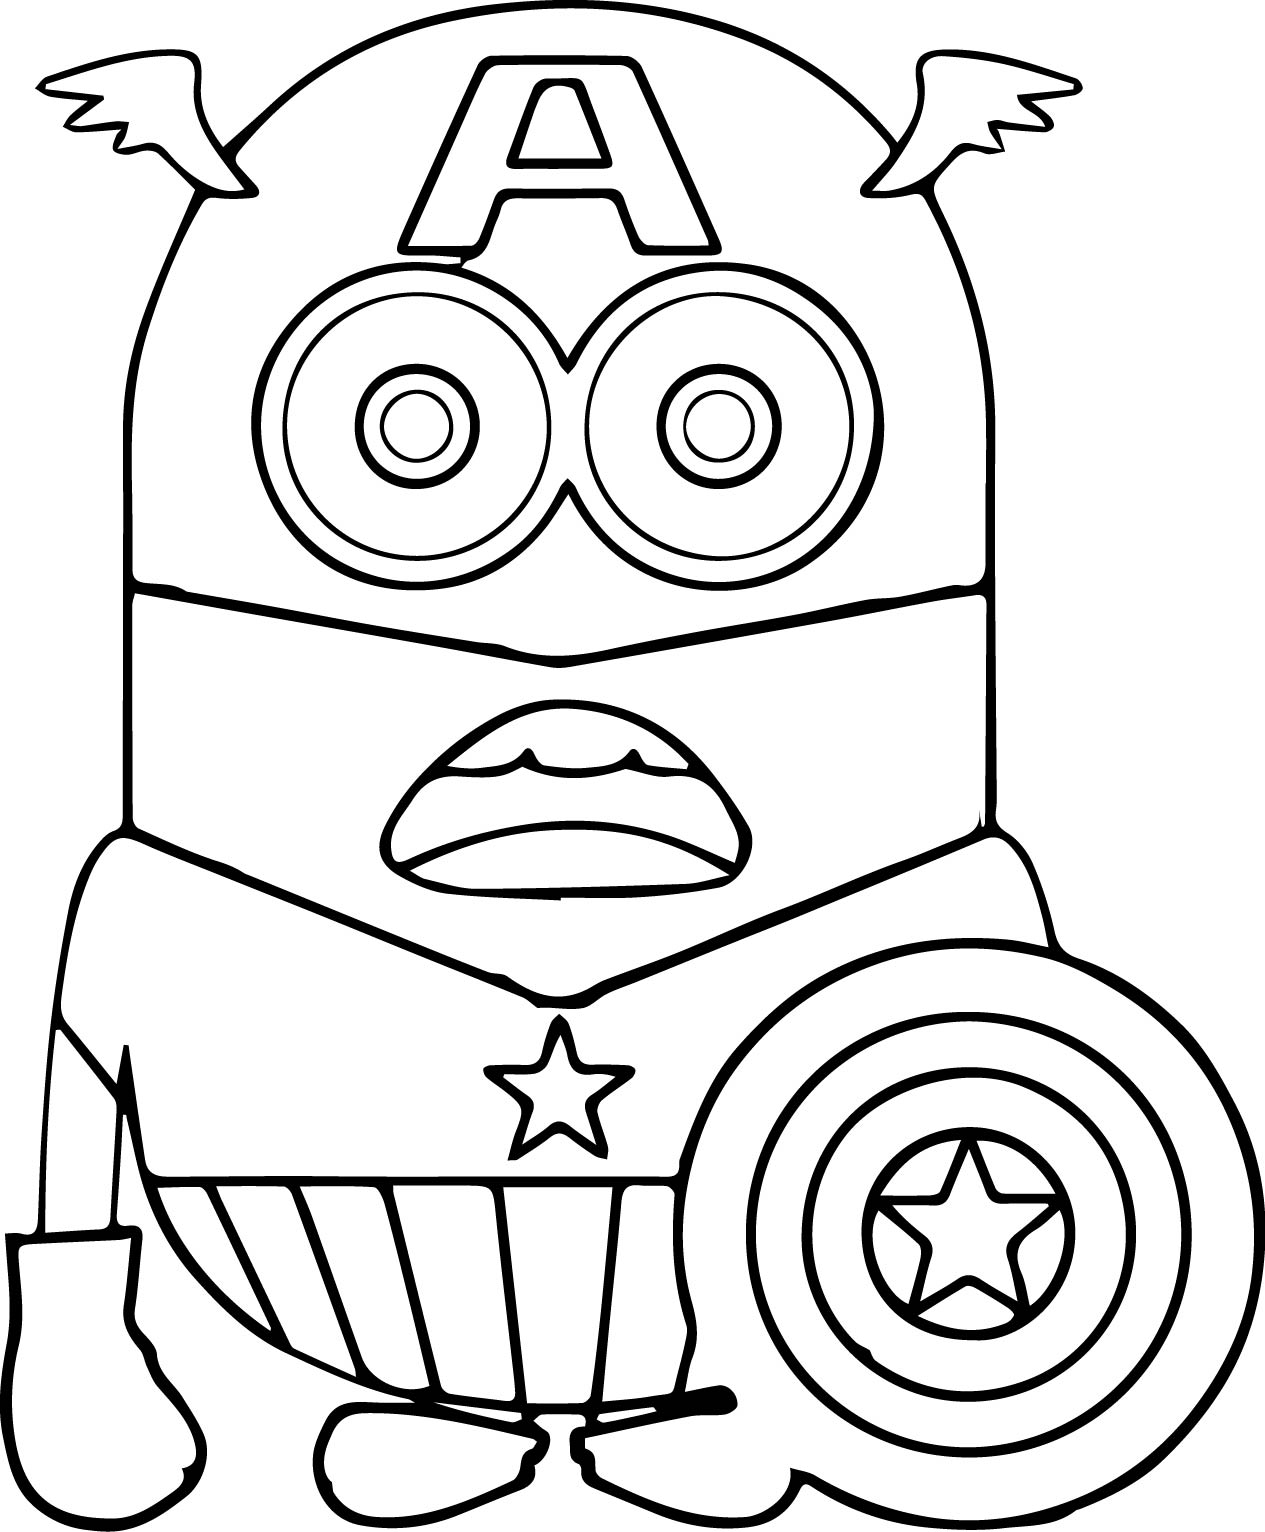 Desenho de Minion Capitão América para colorir - Tudodesenhos